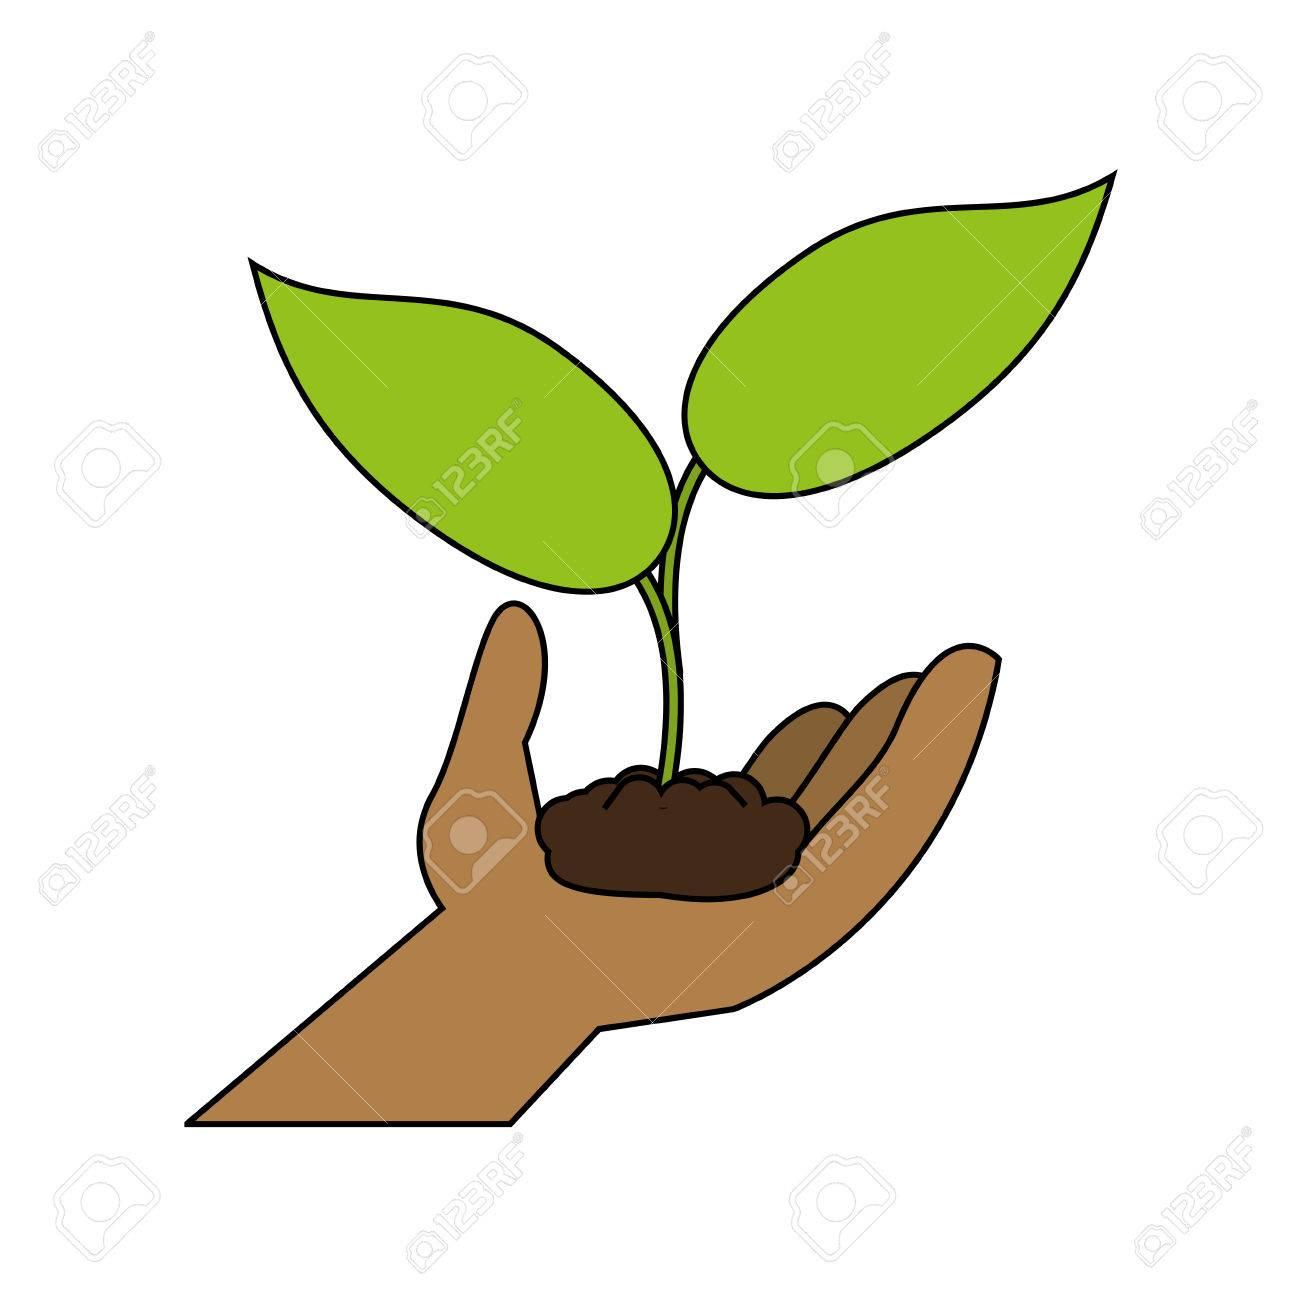 Poca Semilla De La Planta Icono Ecológico Ilustración Vectorial ...